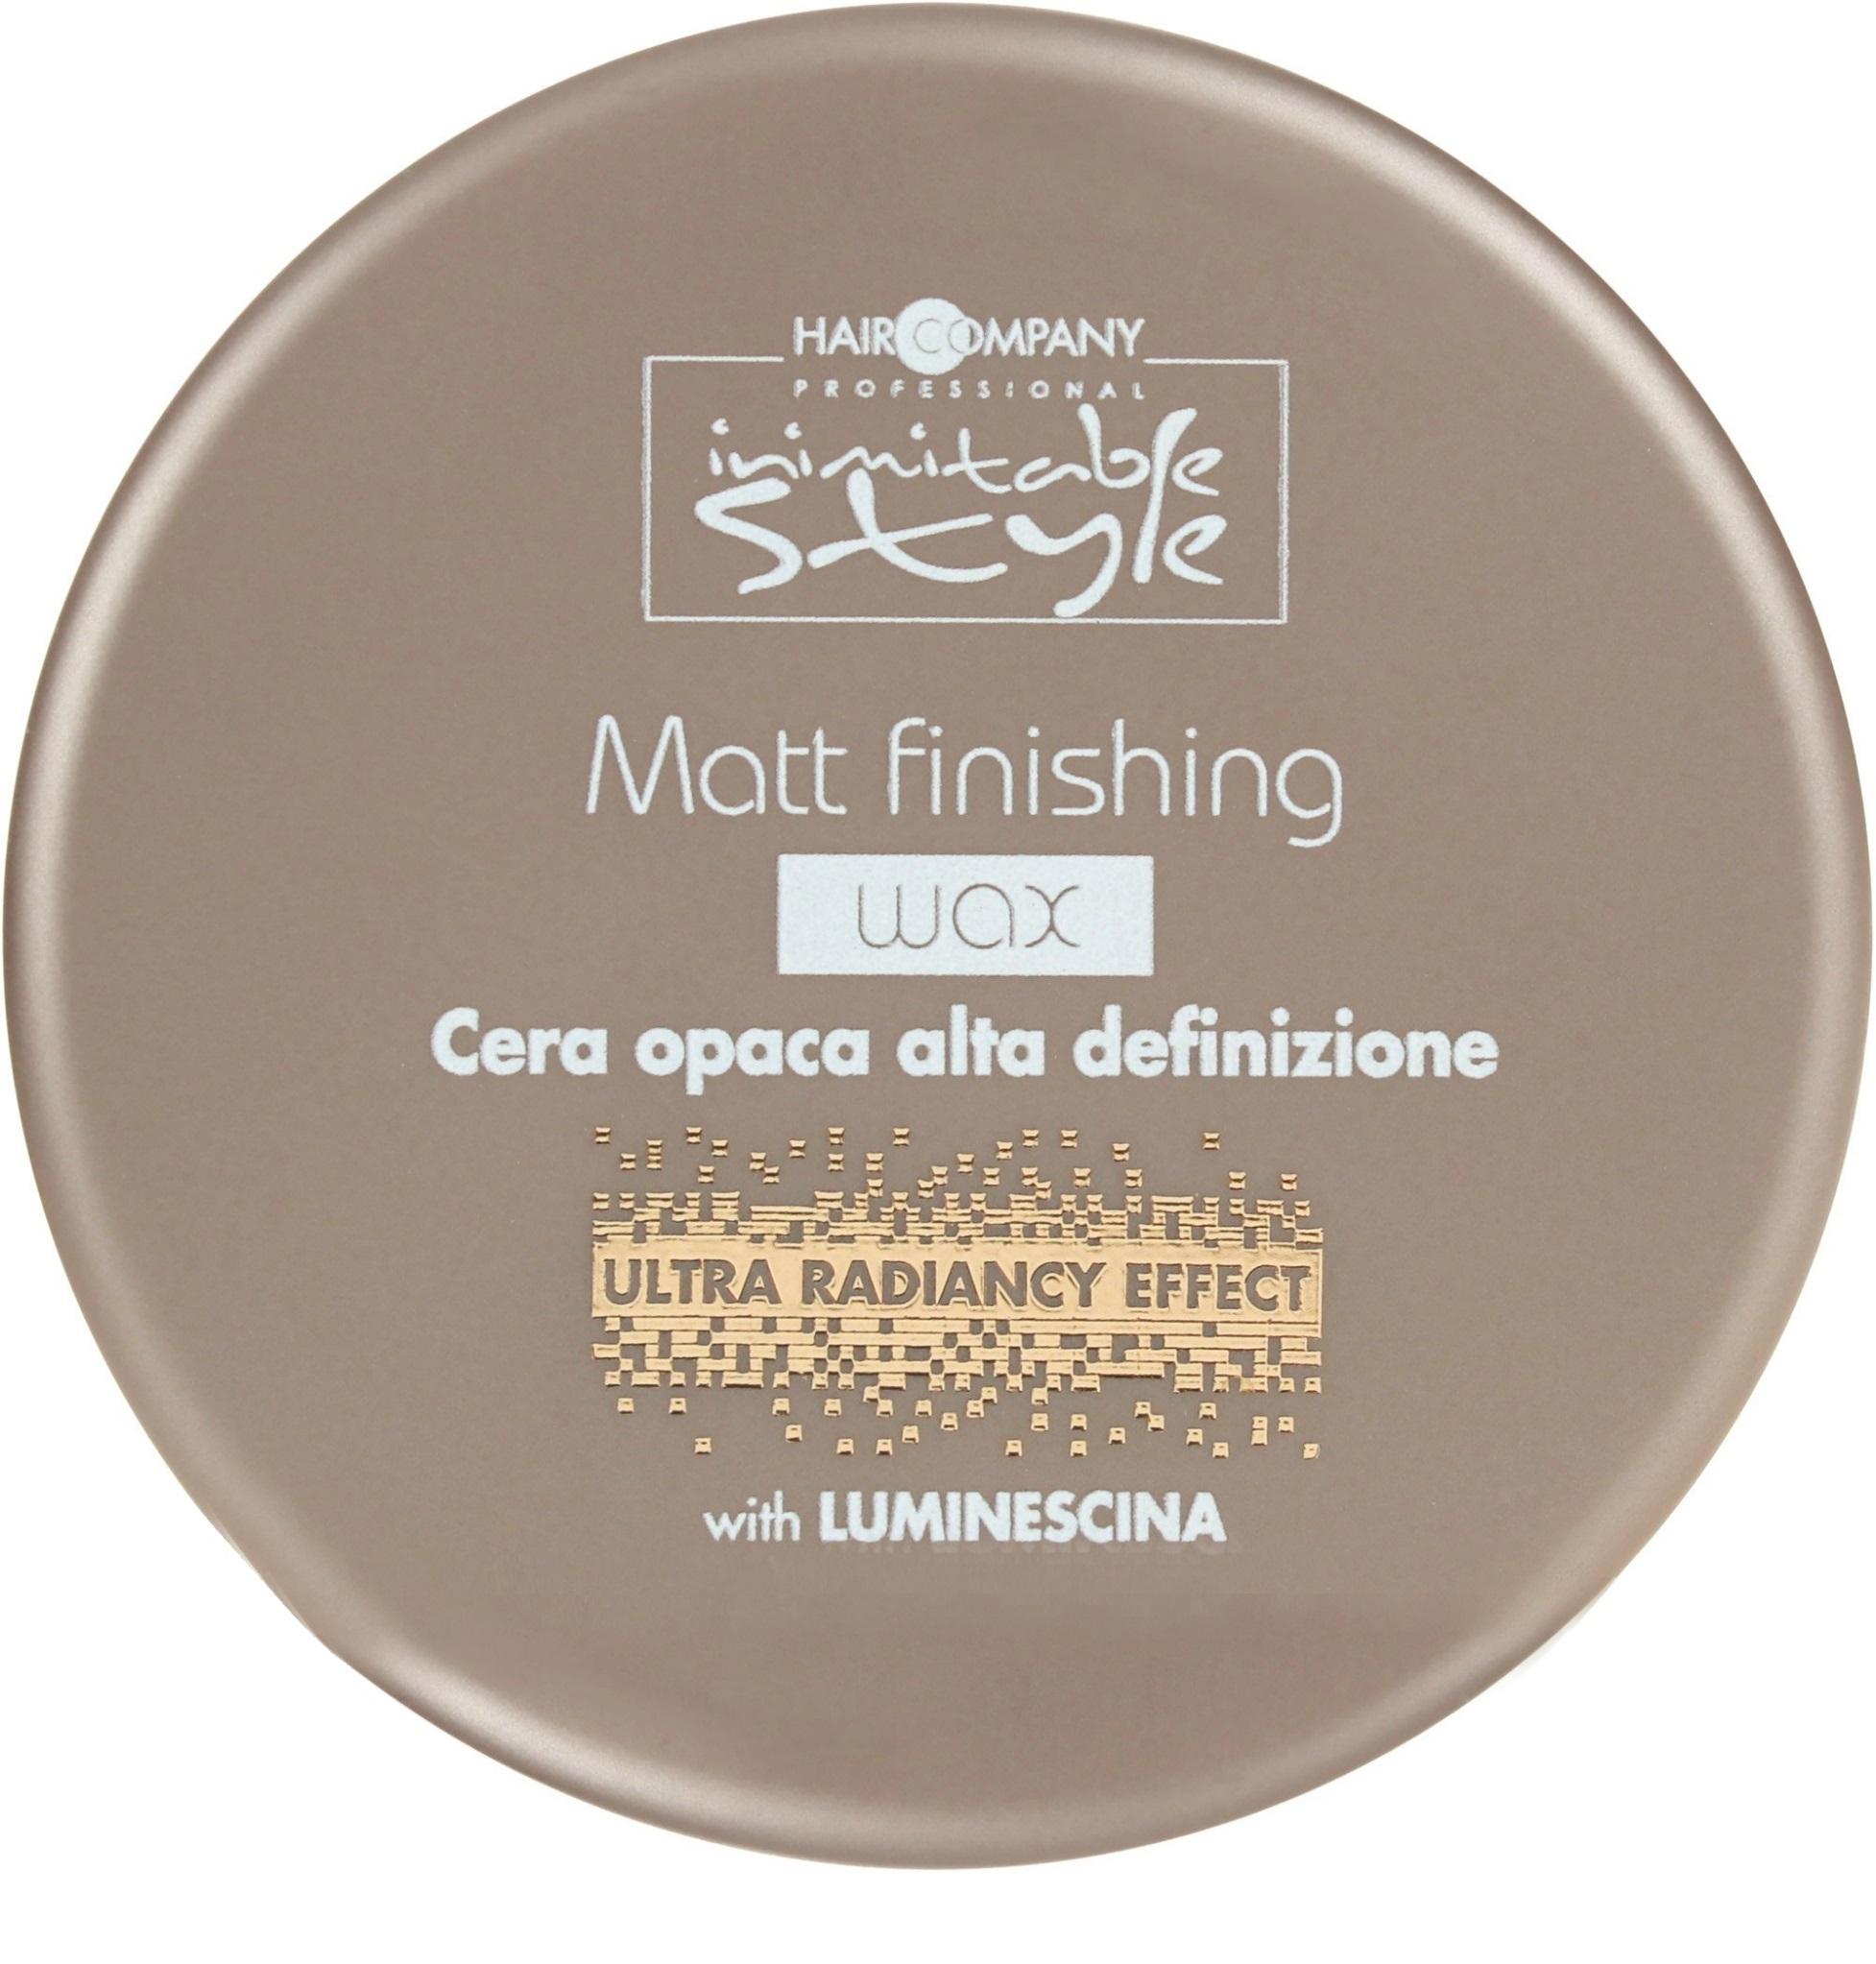 HAIR COMPANY Воск Завершающий с Матовым Эффектом Matt Finishing Wax, 100 мл воск с матовым эффектом для укладки волос isoft matt clay wax 100 мл